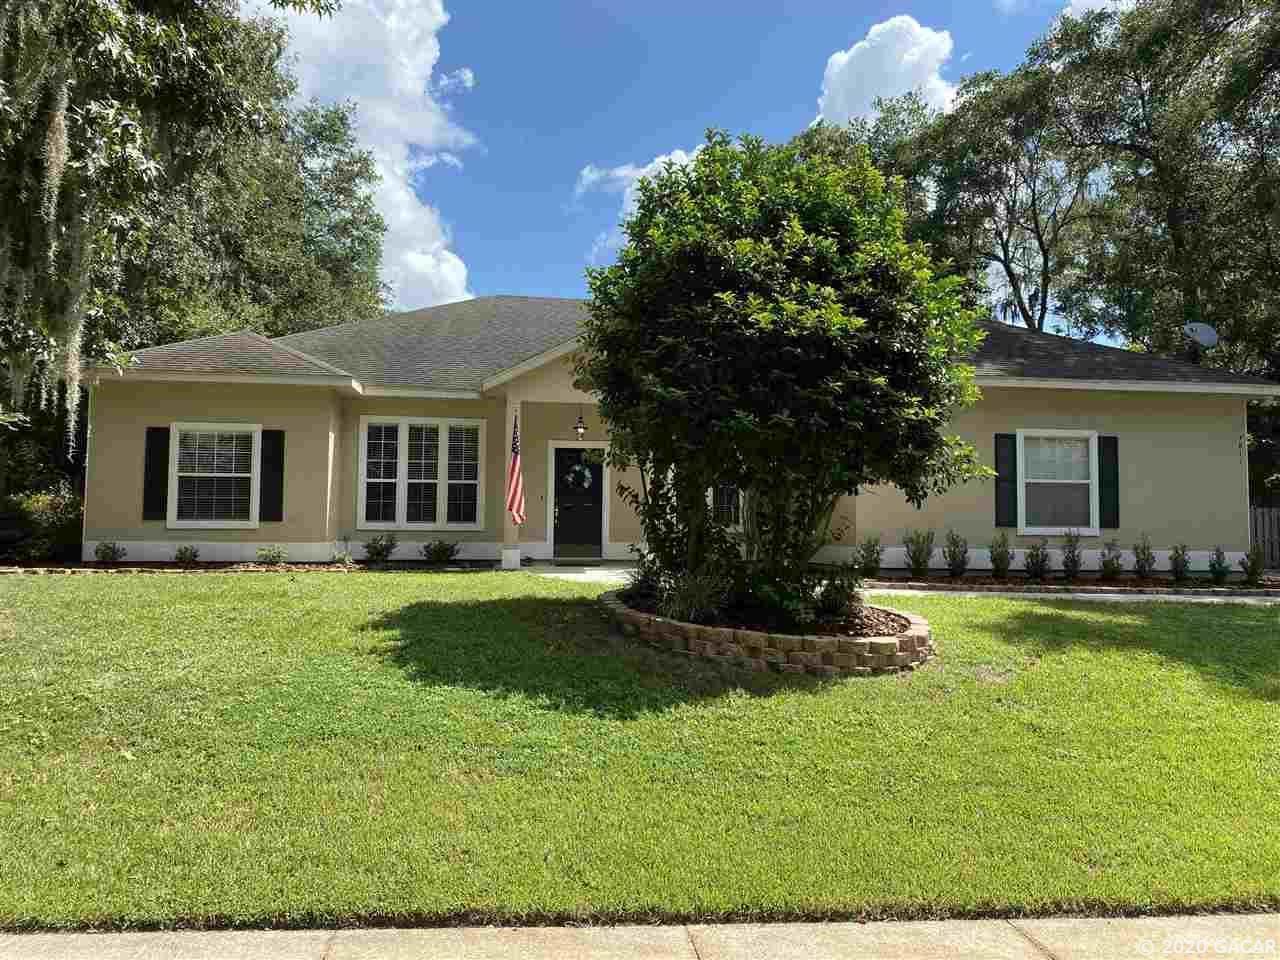 7811 NW 50 Street, Gainesville, FL 32653 - #: 437019